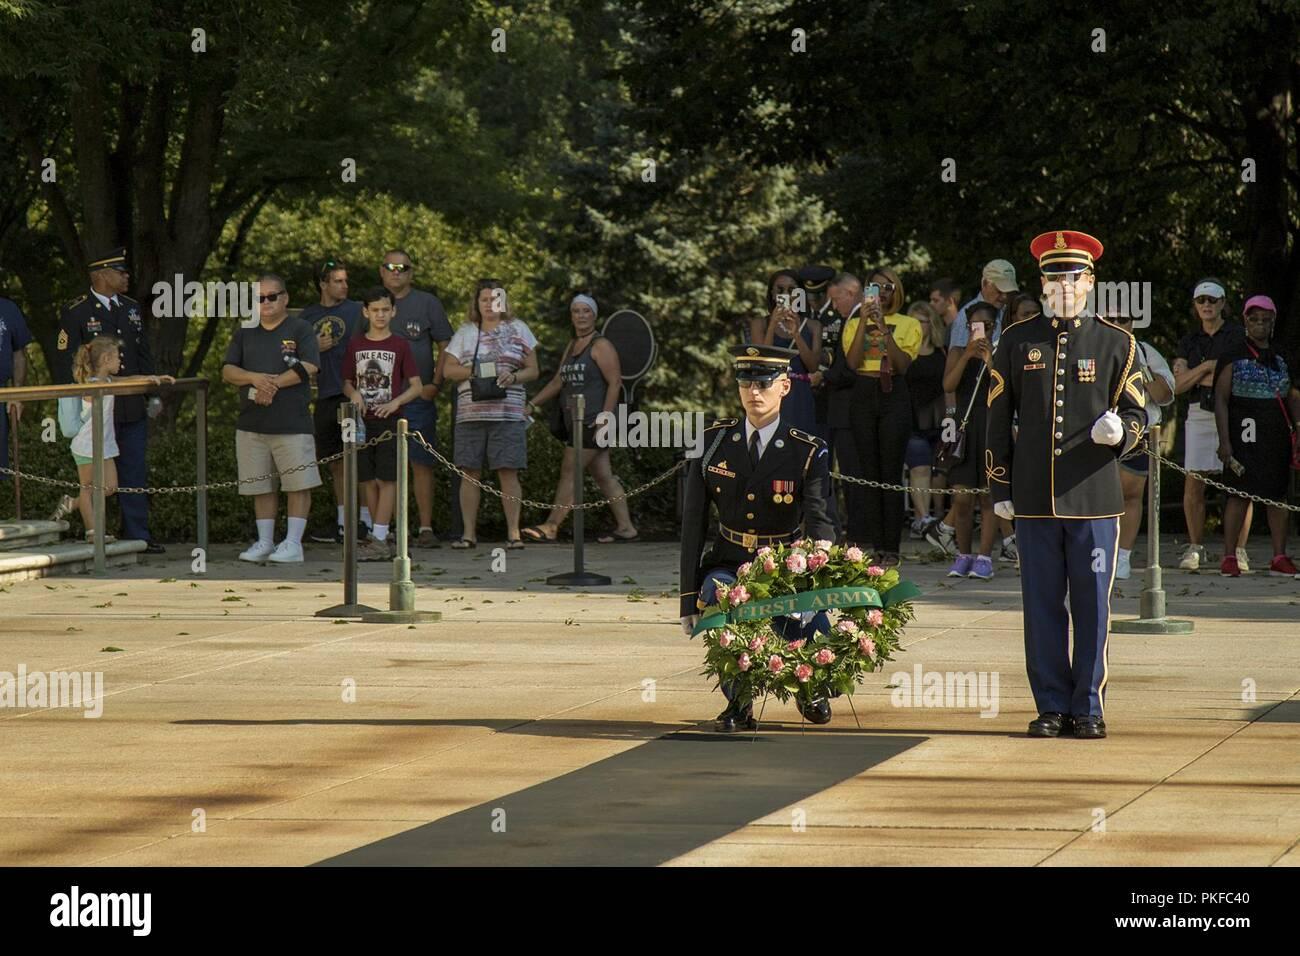 """Soldaten aus dem 3. US-Infanterie Regiment """"der alten Garde"""", für eine Kranzniederlegung Zeremonie durch die erste Armee auf dem Arlington National Cemetery, 12.08.10, 2018 in Arlington, Virginia. ihren hundertsten Geburtstag, Soldaten und Senior Leadership aus der ersten Armee zu markieren Vorbereitung besucht die Gräber von verschiedenen Persönlichkeiten aus der gesamten Geschichte der Einheit gefeiert. Eine öffentliche Kranzniederlegung Zeremonie wurde auch am Grab von General der Armeen John J. Pershing, ersten kommandierenden General der Einheit statt. Stockbild"""